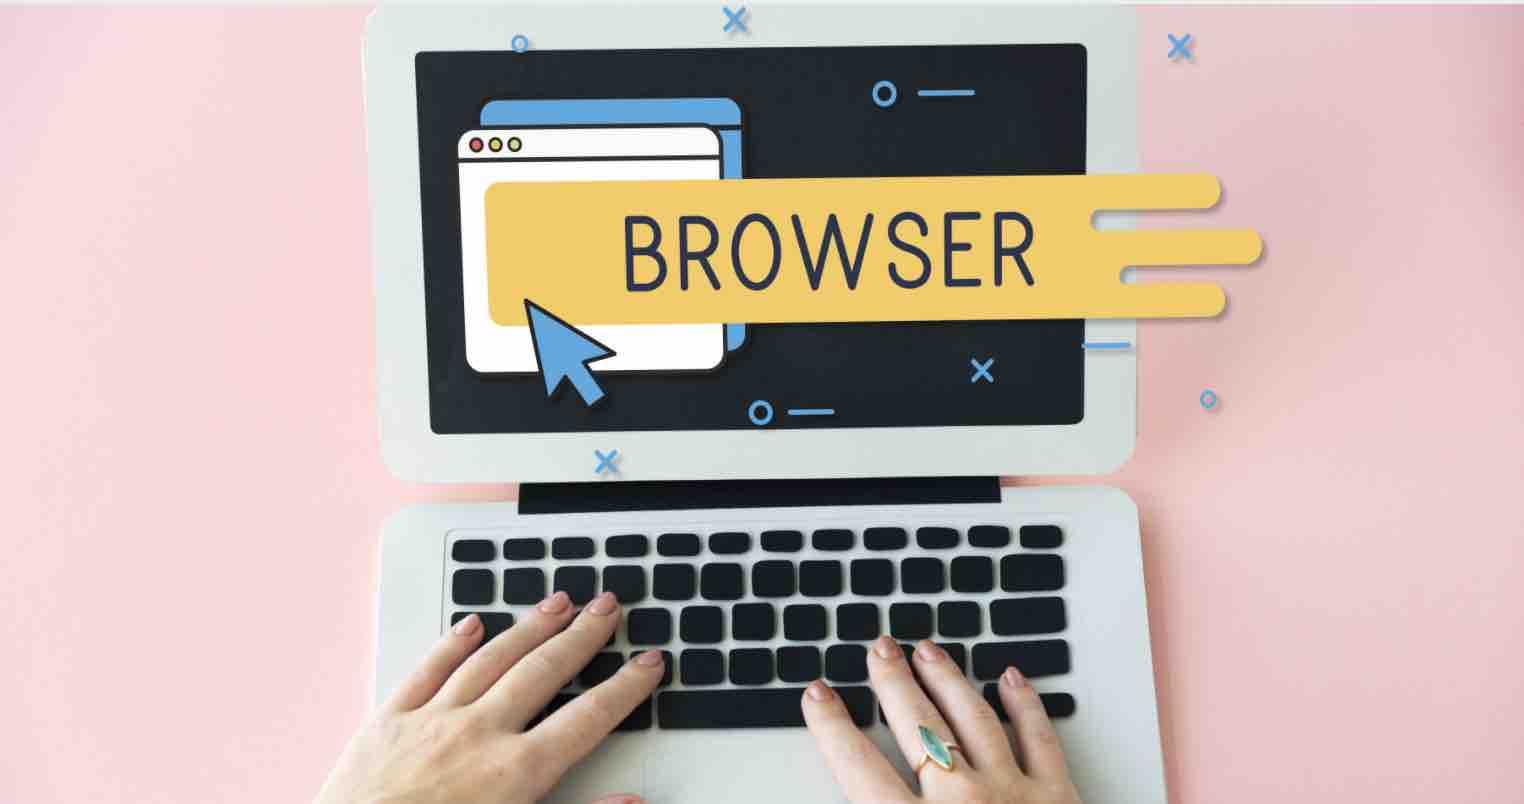 Trình duyệt web nào nhanh và dễ sử dụng nhất: Chrome, Firefox